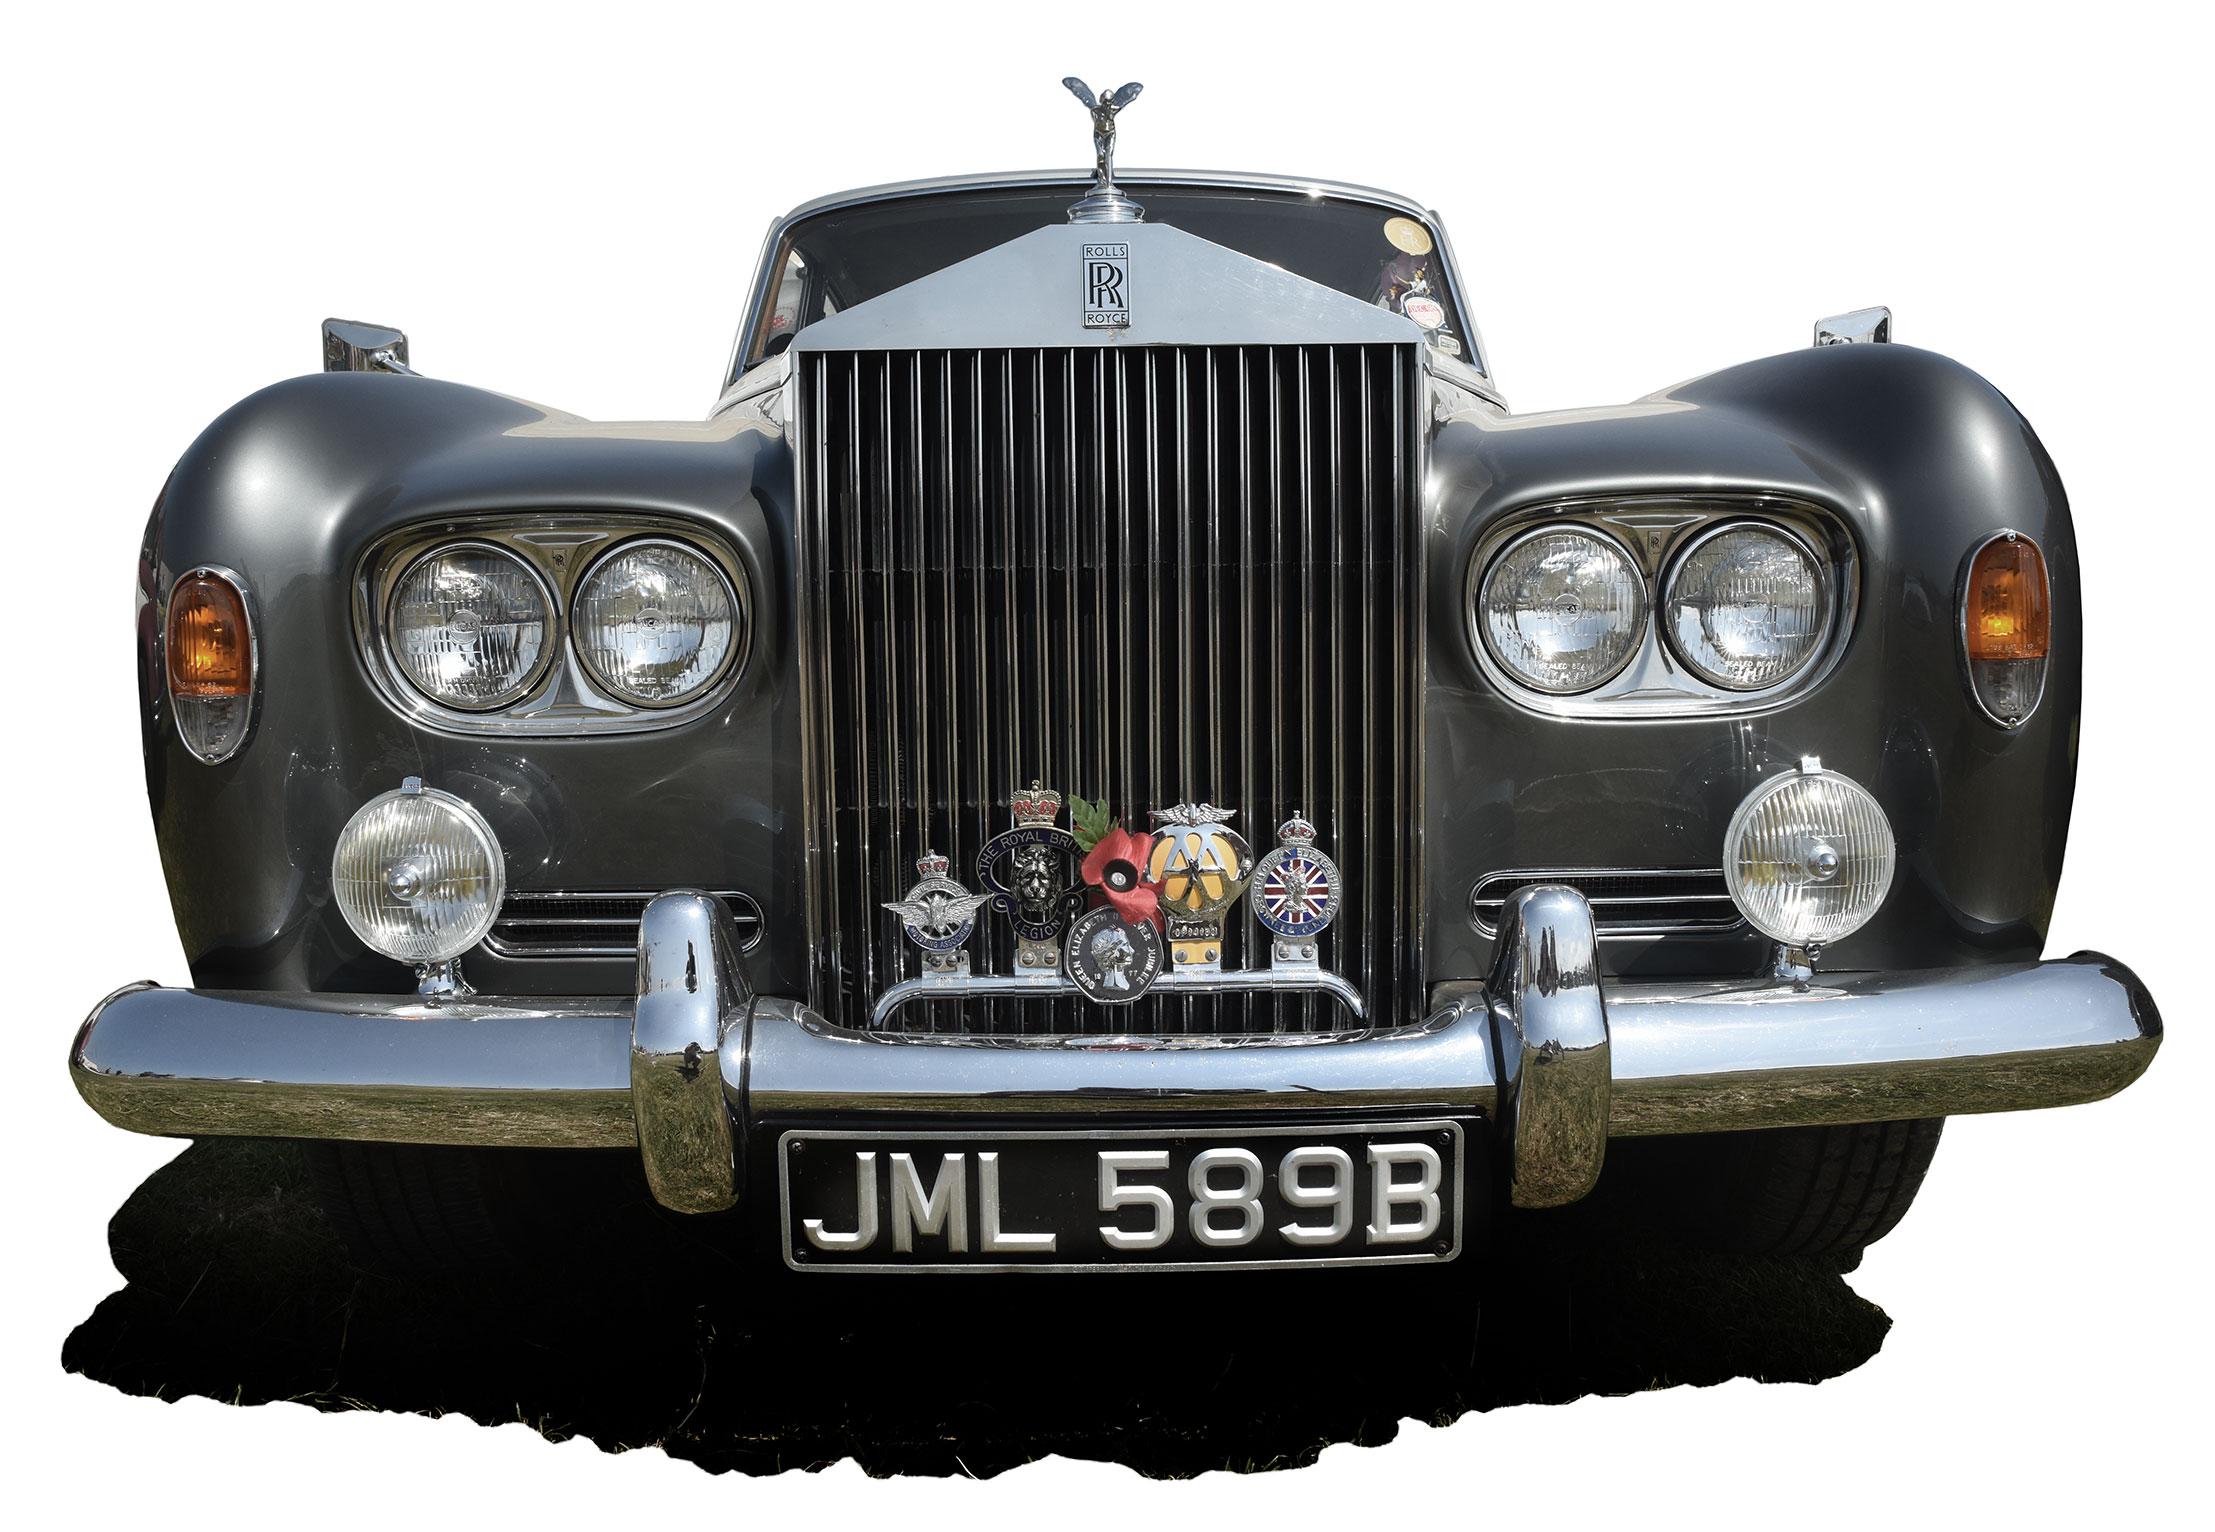 Rolls Royce Classic Car